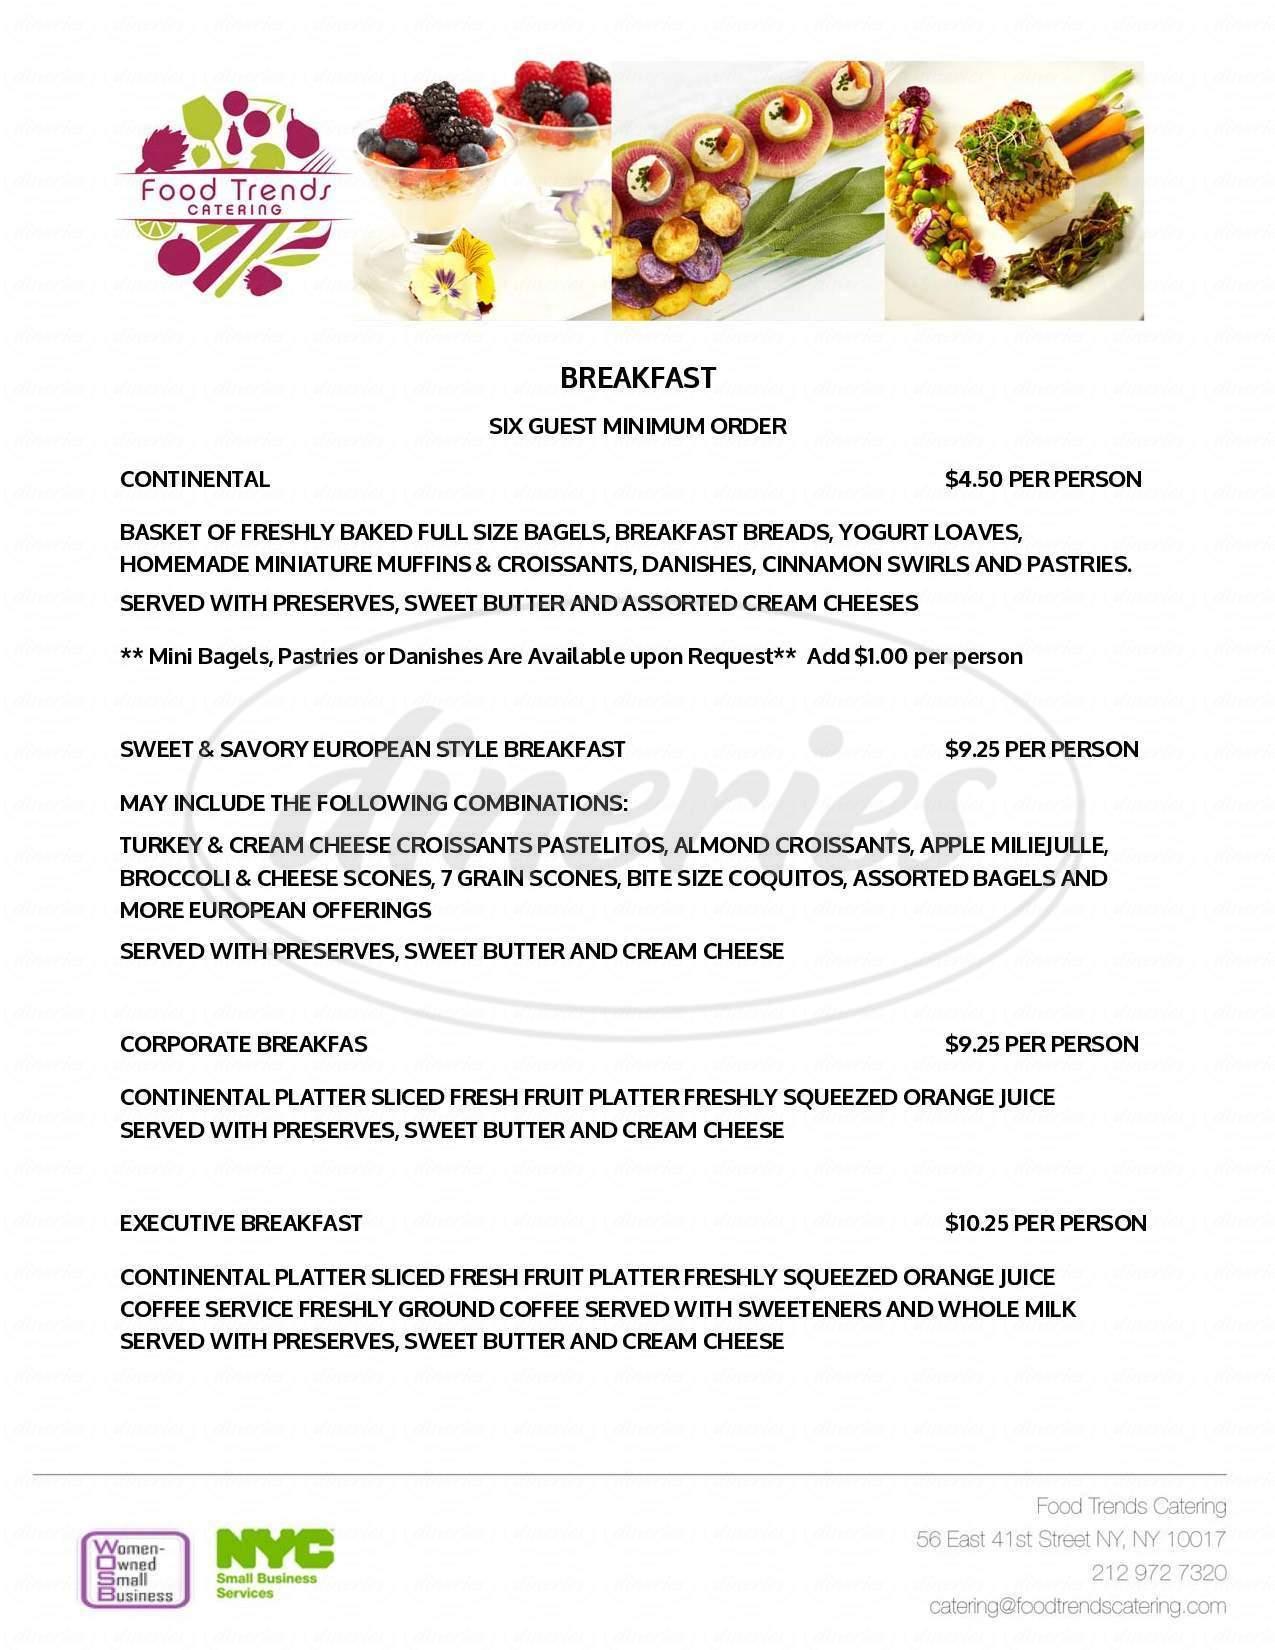 menu for Food Trends